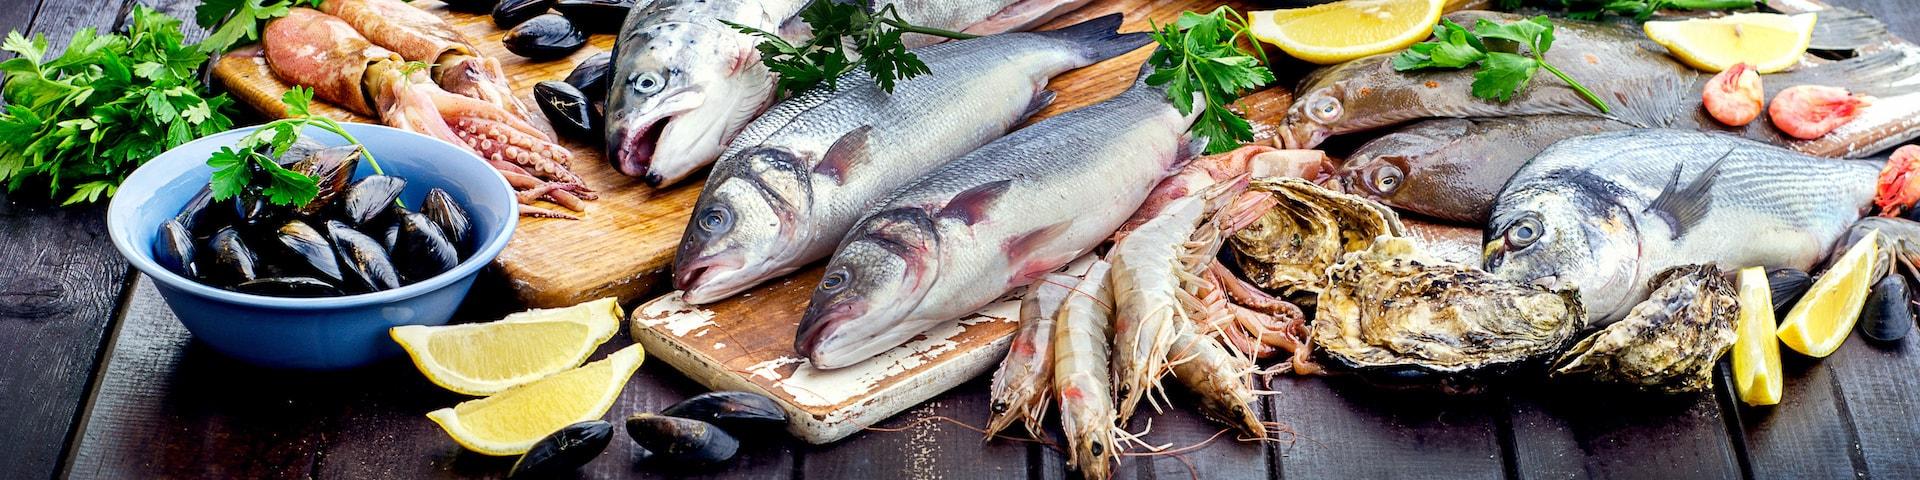 Bord fyllt med fisk och skaldjur